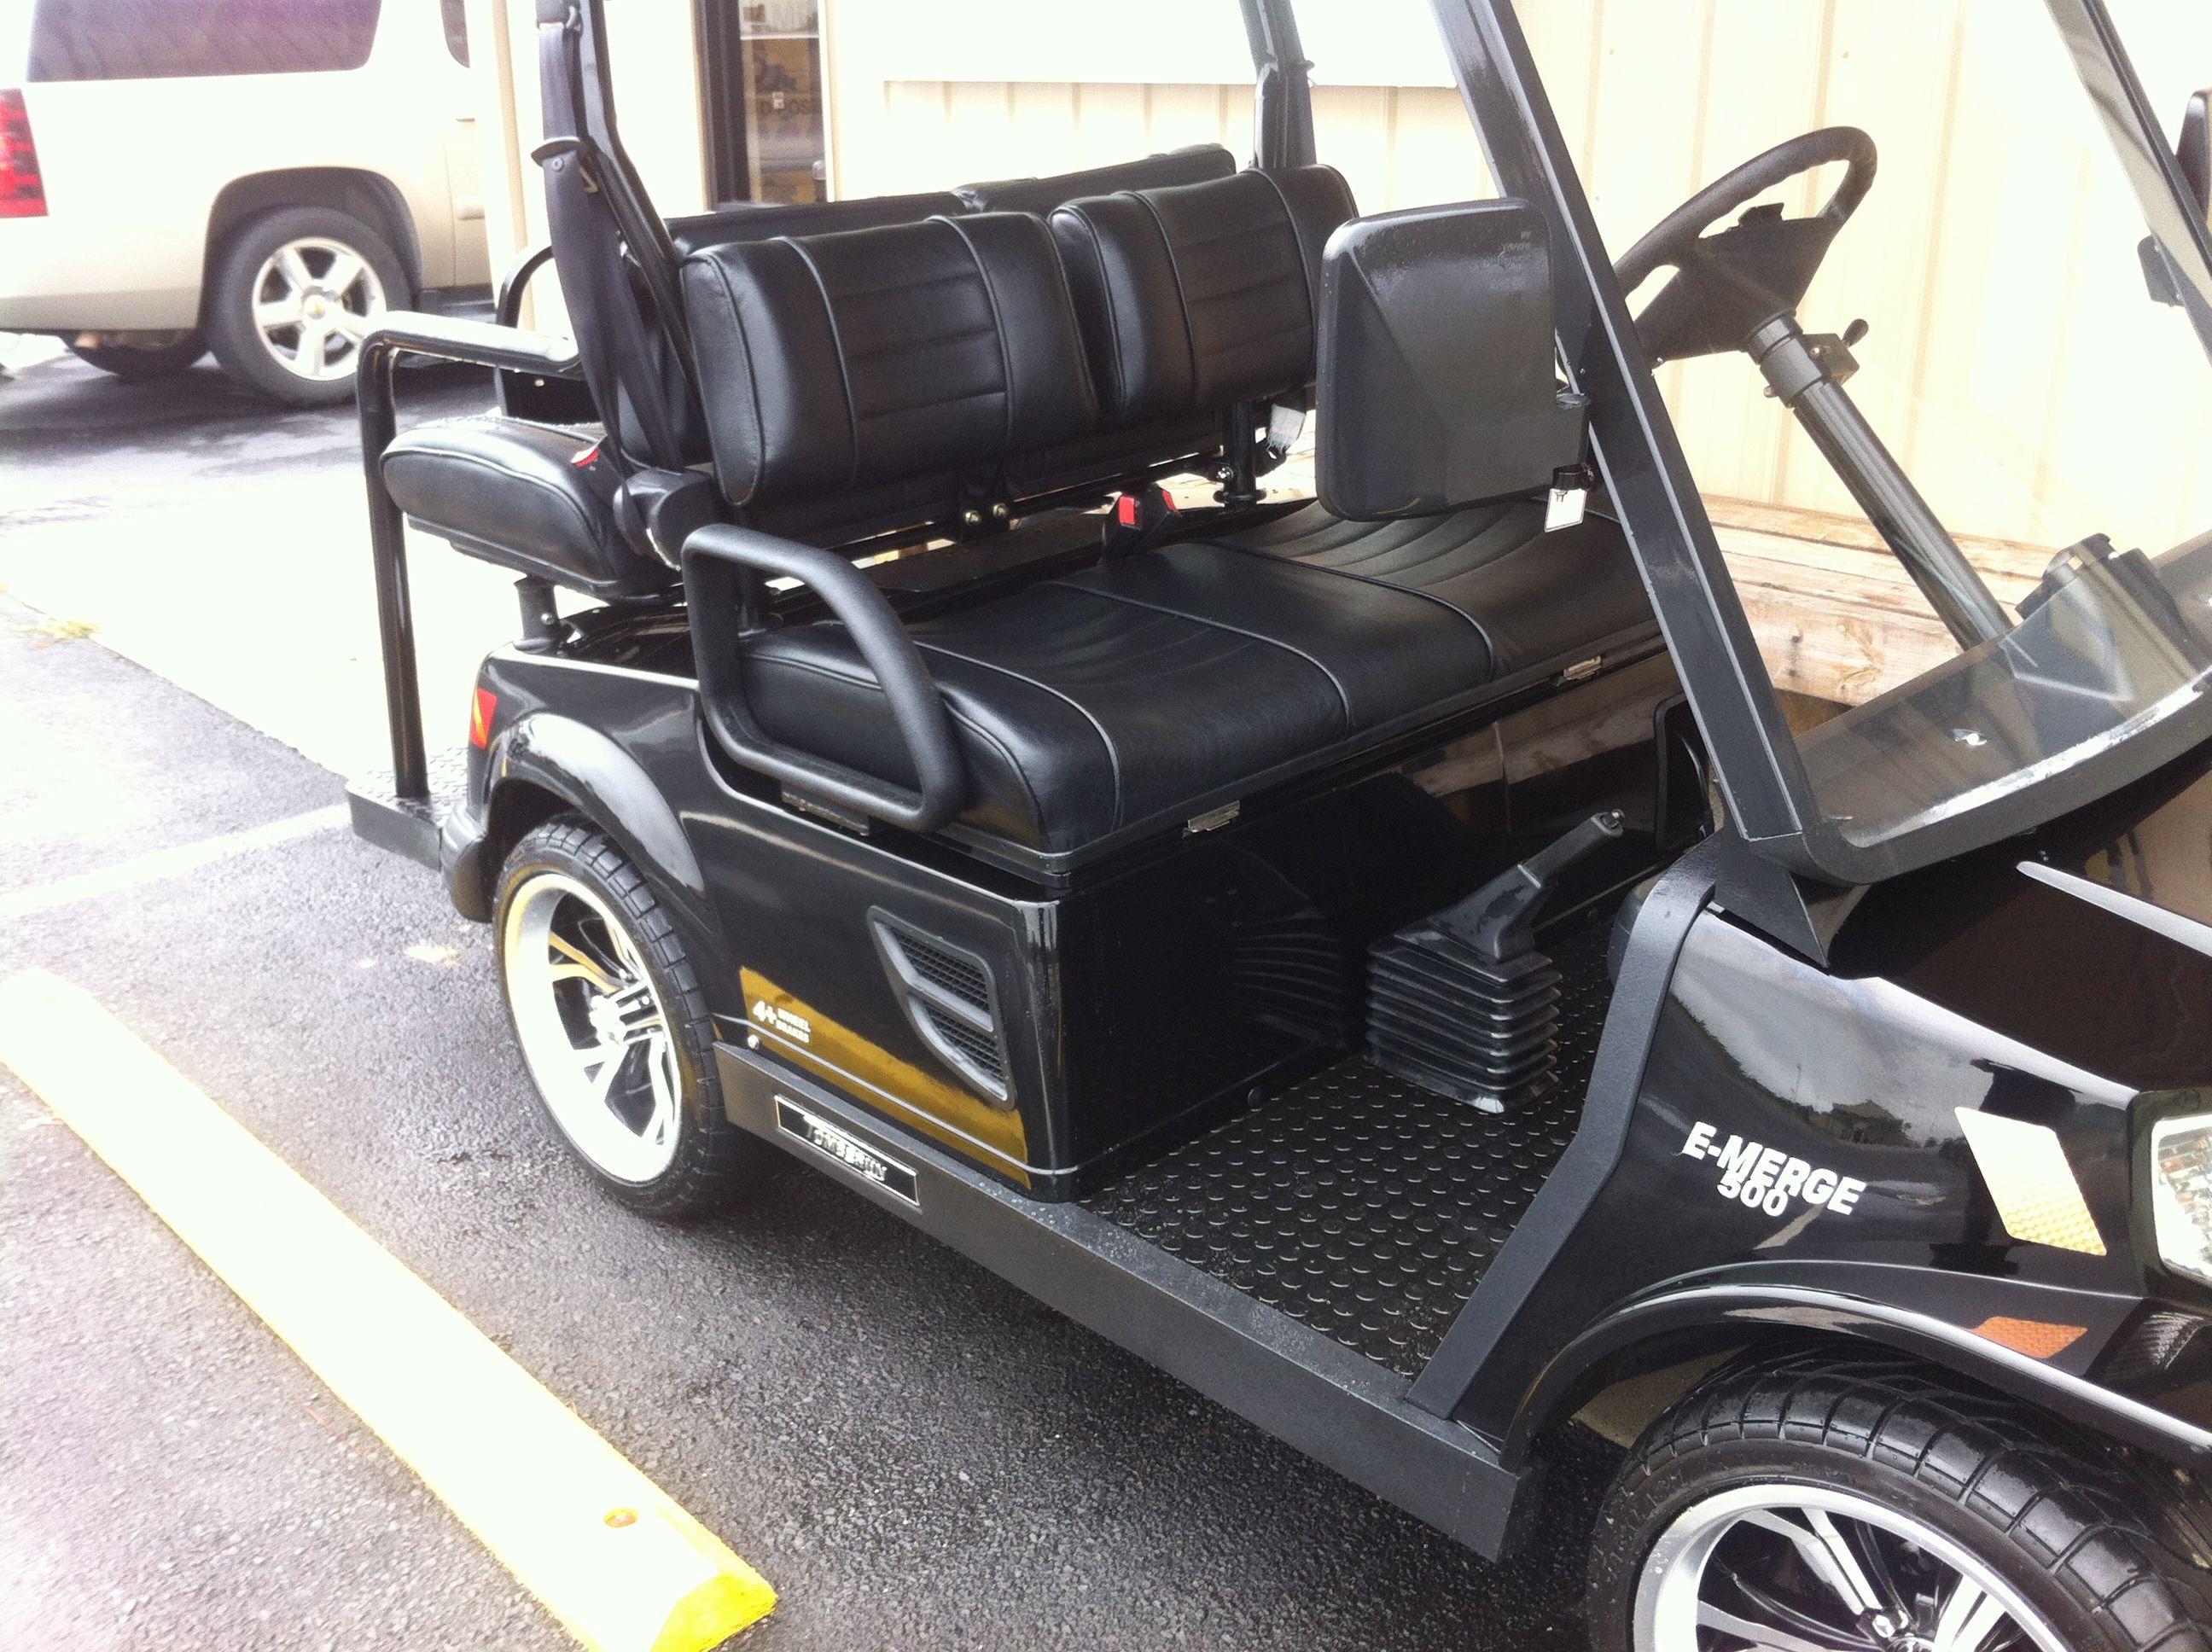 2005 tomberlin street legal cart street legal golf cart  [ 2592 x 1936 Pixel ]